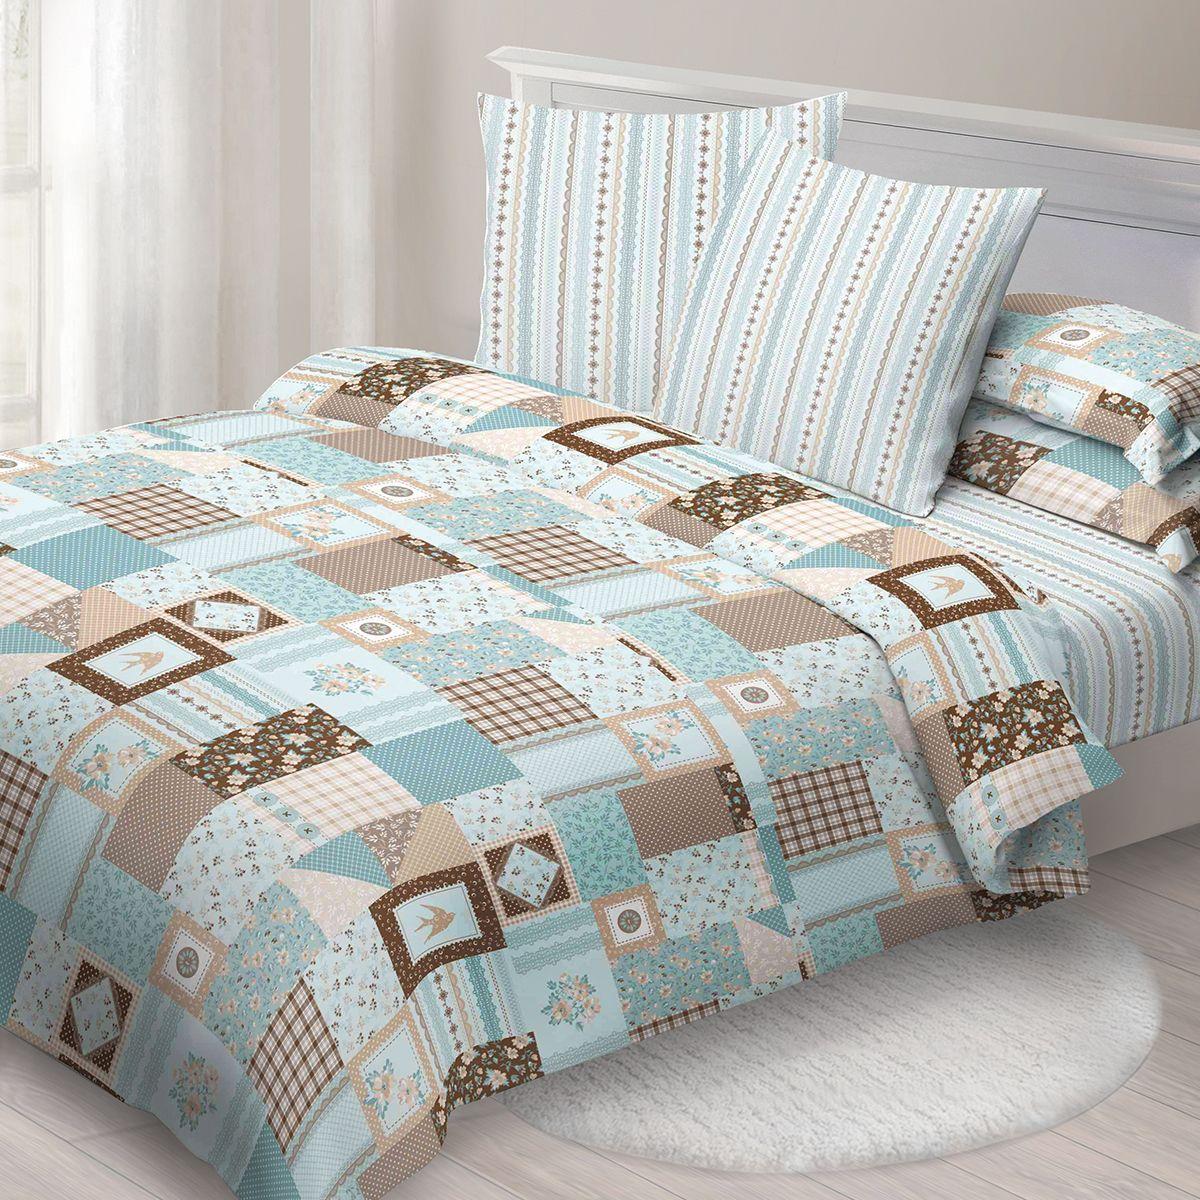 Комплект белья Спал Спалыч Плезир, 2-спальное, наволочки 70x70, цвет: голубой91336Спал Спалыч - недорогое, но качественное постельное белье из белорусской бязи. Актуальные дизайны, авторская упаковка в сочетании с качественными материалами и приемлемой ценой - залог успеха Спал Спалыча! В ассортименте широкая линейка домашнего текстиля для всей семьи - современные дизайны современному покупателю! Ткань обработана по технологии PERFECT WAY - благодаря чему, она становится более гладкой и шелковистой. • Бязь Барановичи 100% хлопок • Плотность ткани - 125 гр/кв.м.